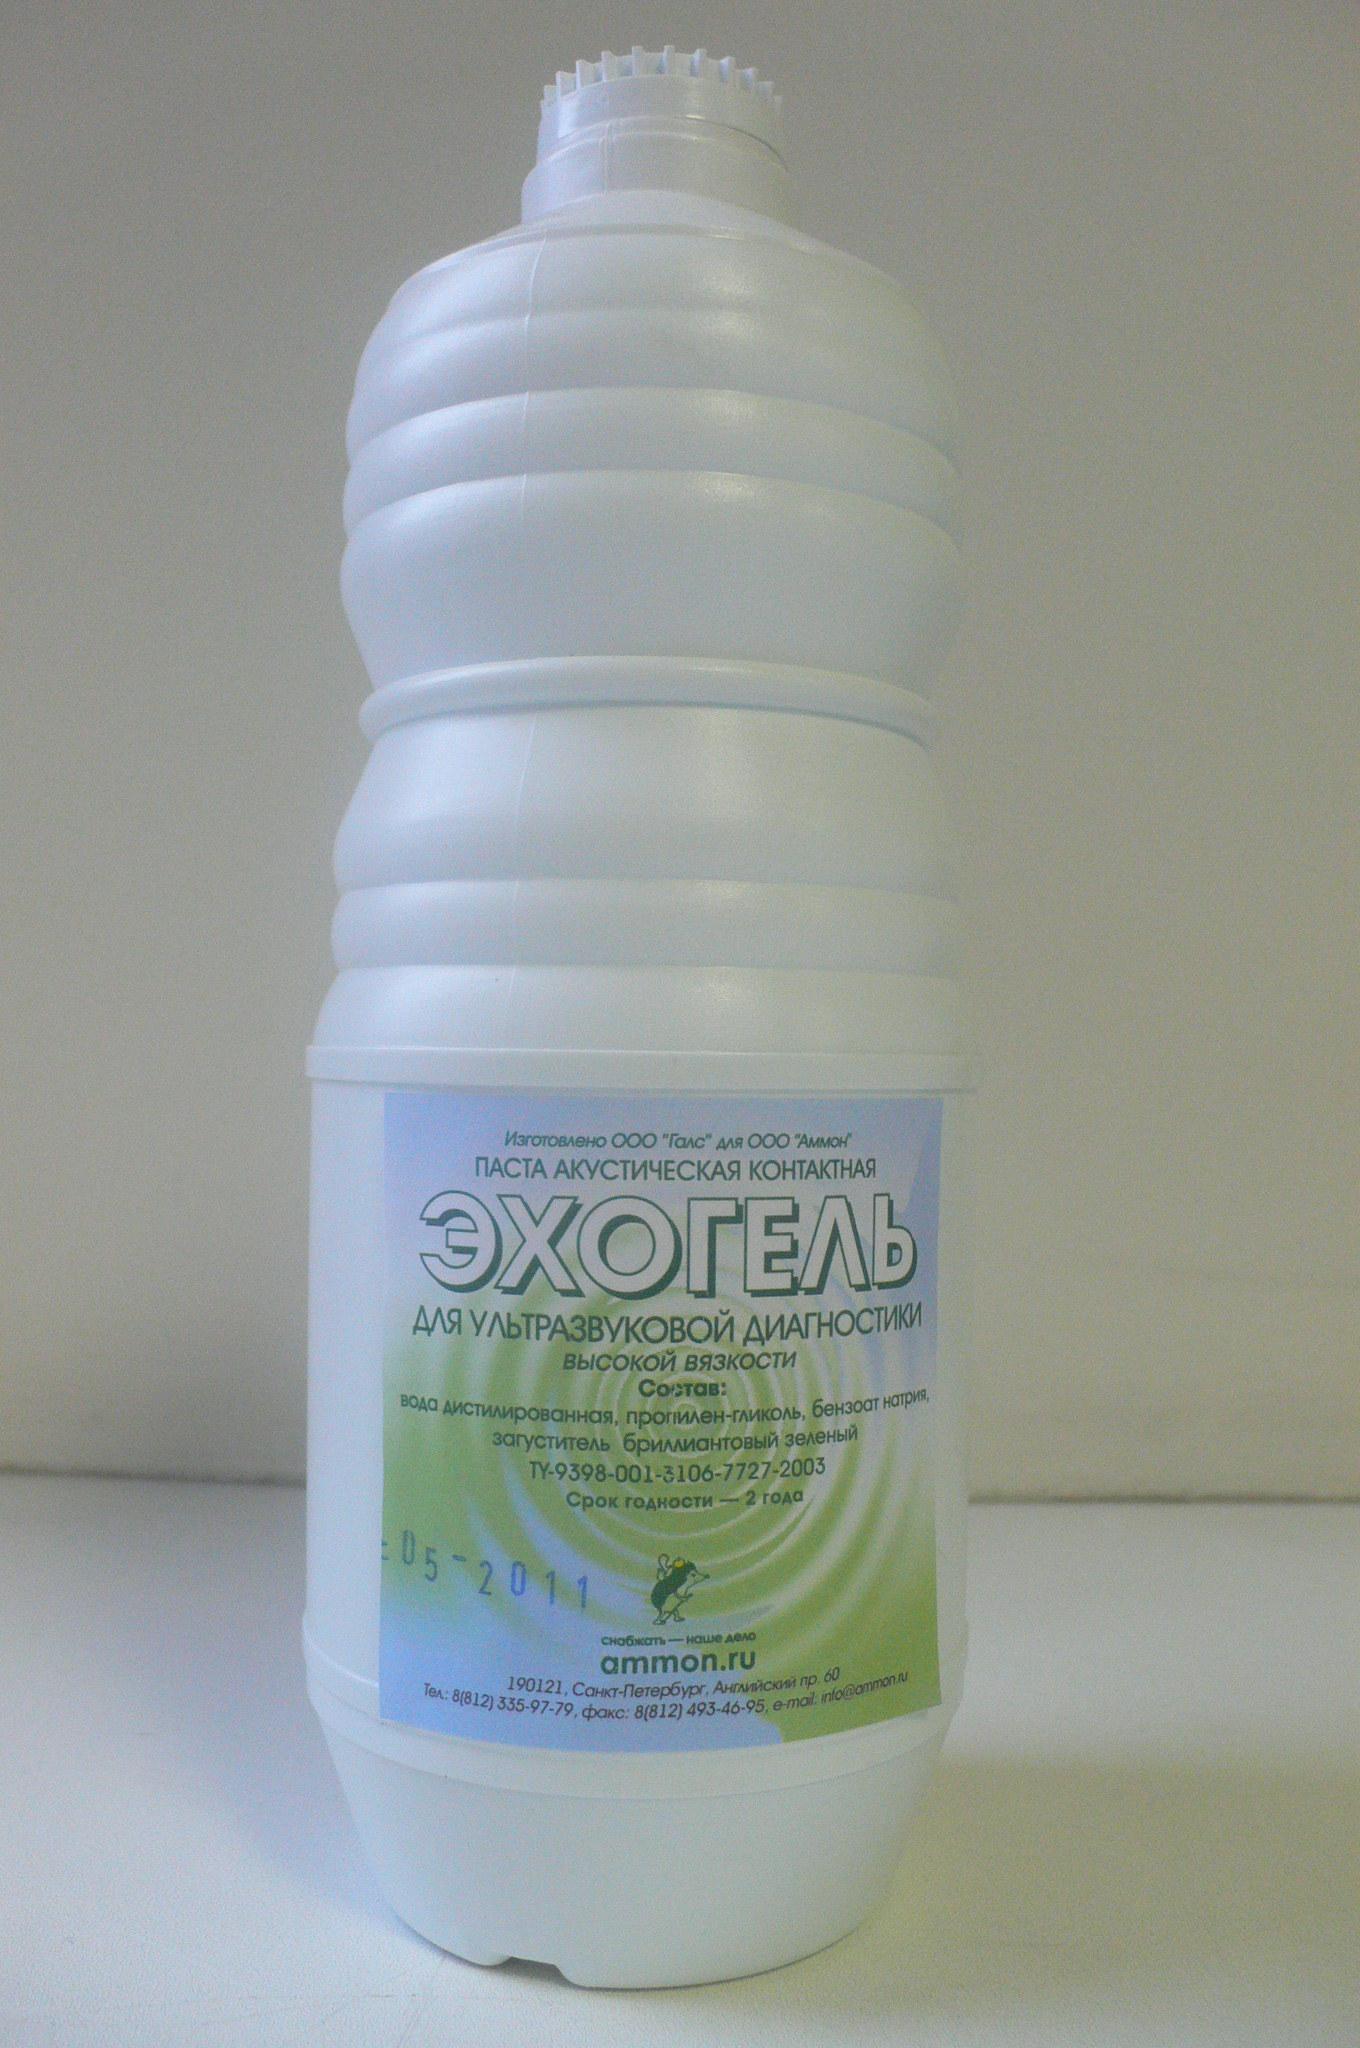 Эхогель, гель УЗИ высокой вязкости, 1 кг